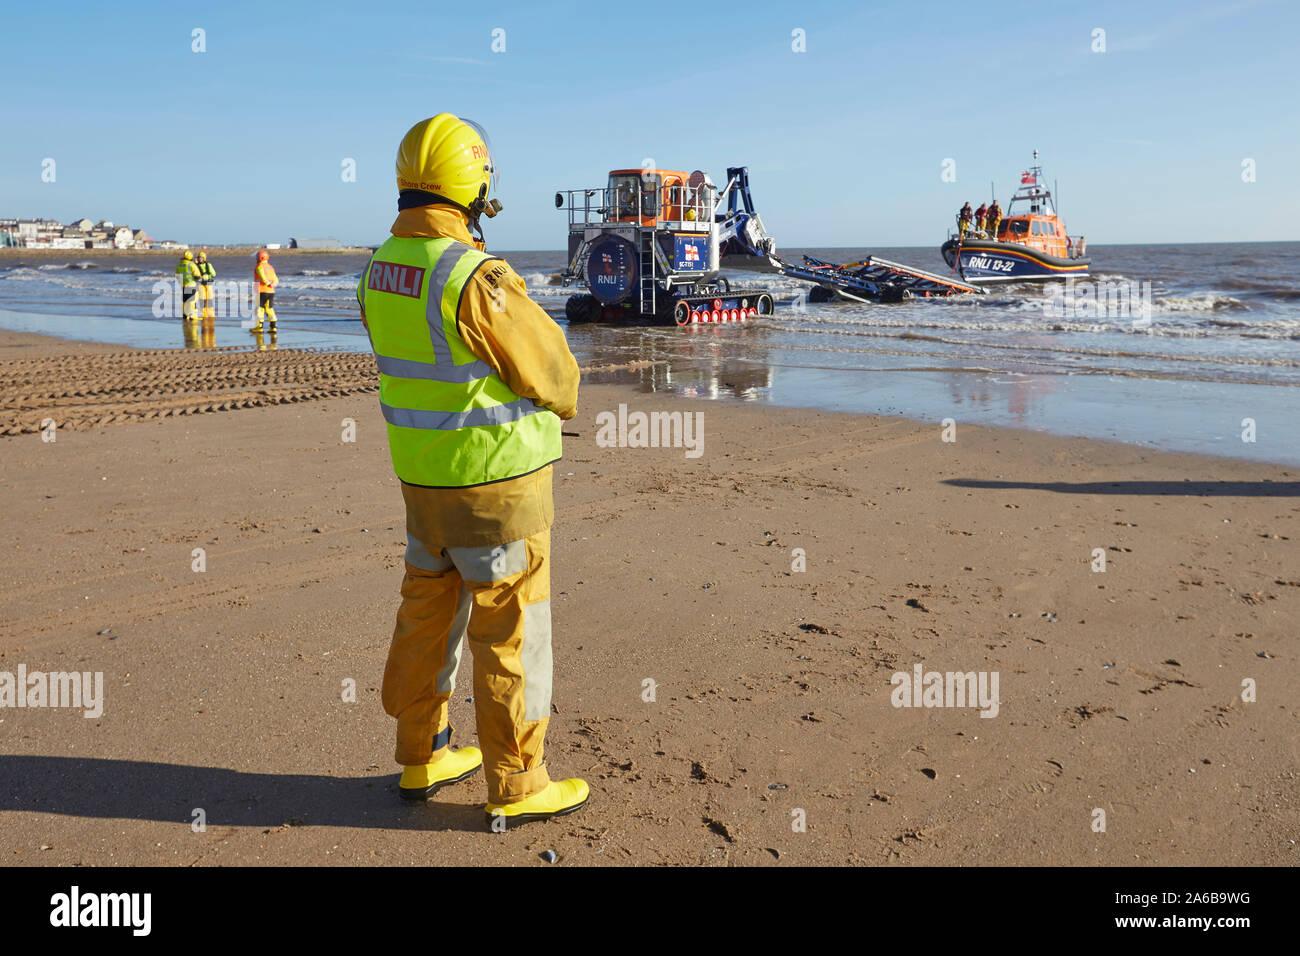 Bote Salvavidas RNLI 13-22 Lanzamiento en Bridlington South beach, East Yorkshire, Inglaterra, con la ayuda de ingenieros marinos voluntarios. Foto de stock